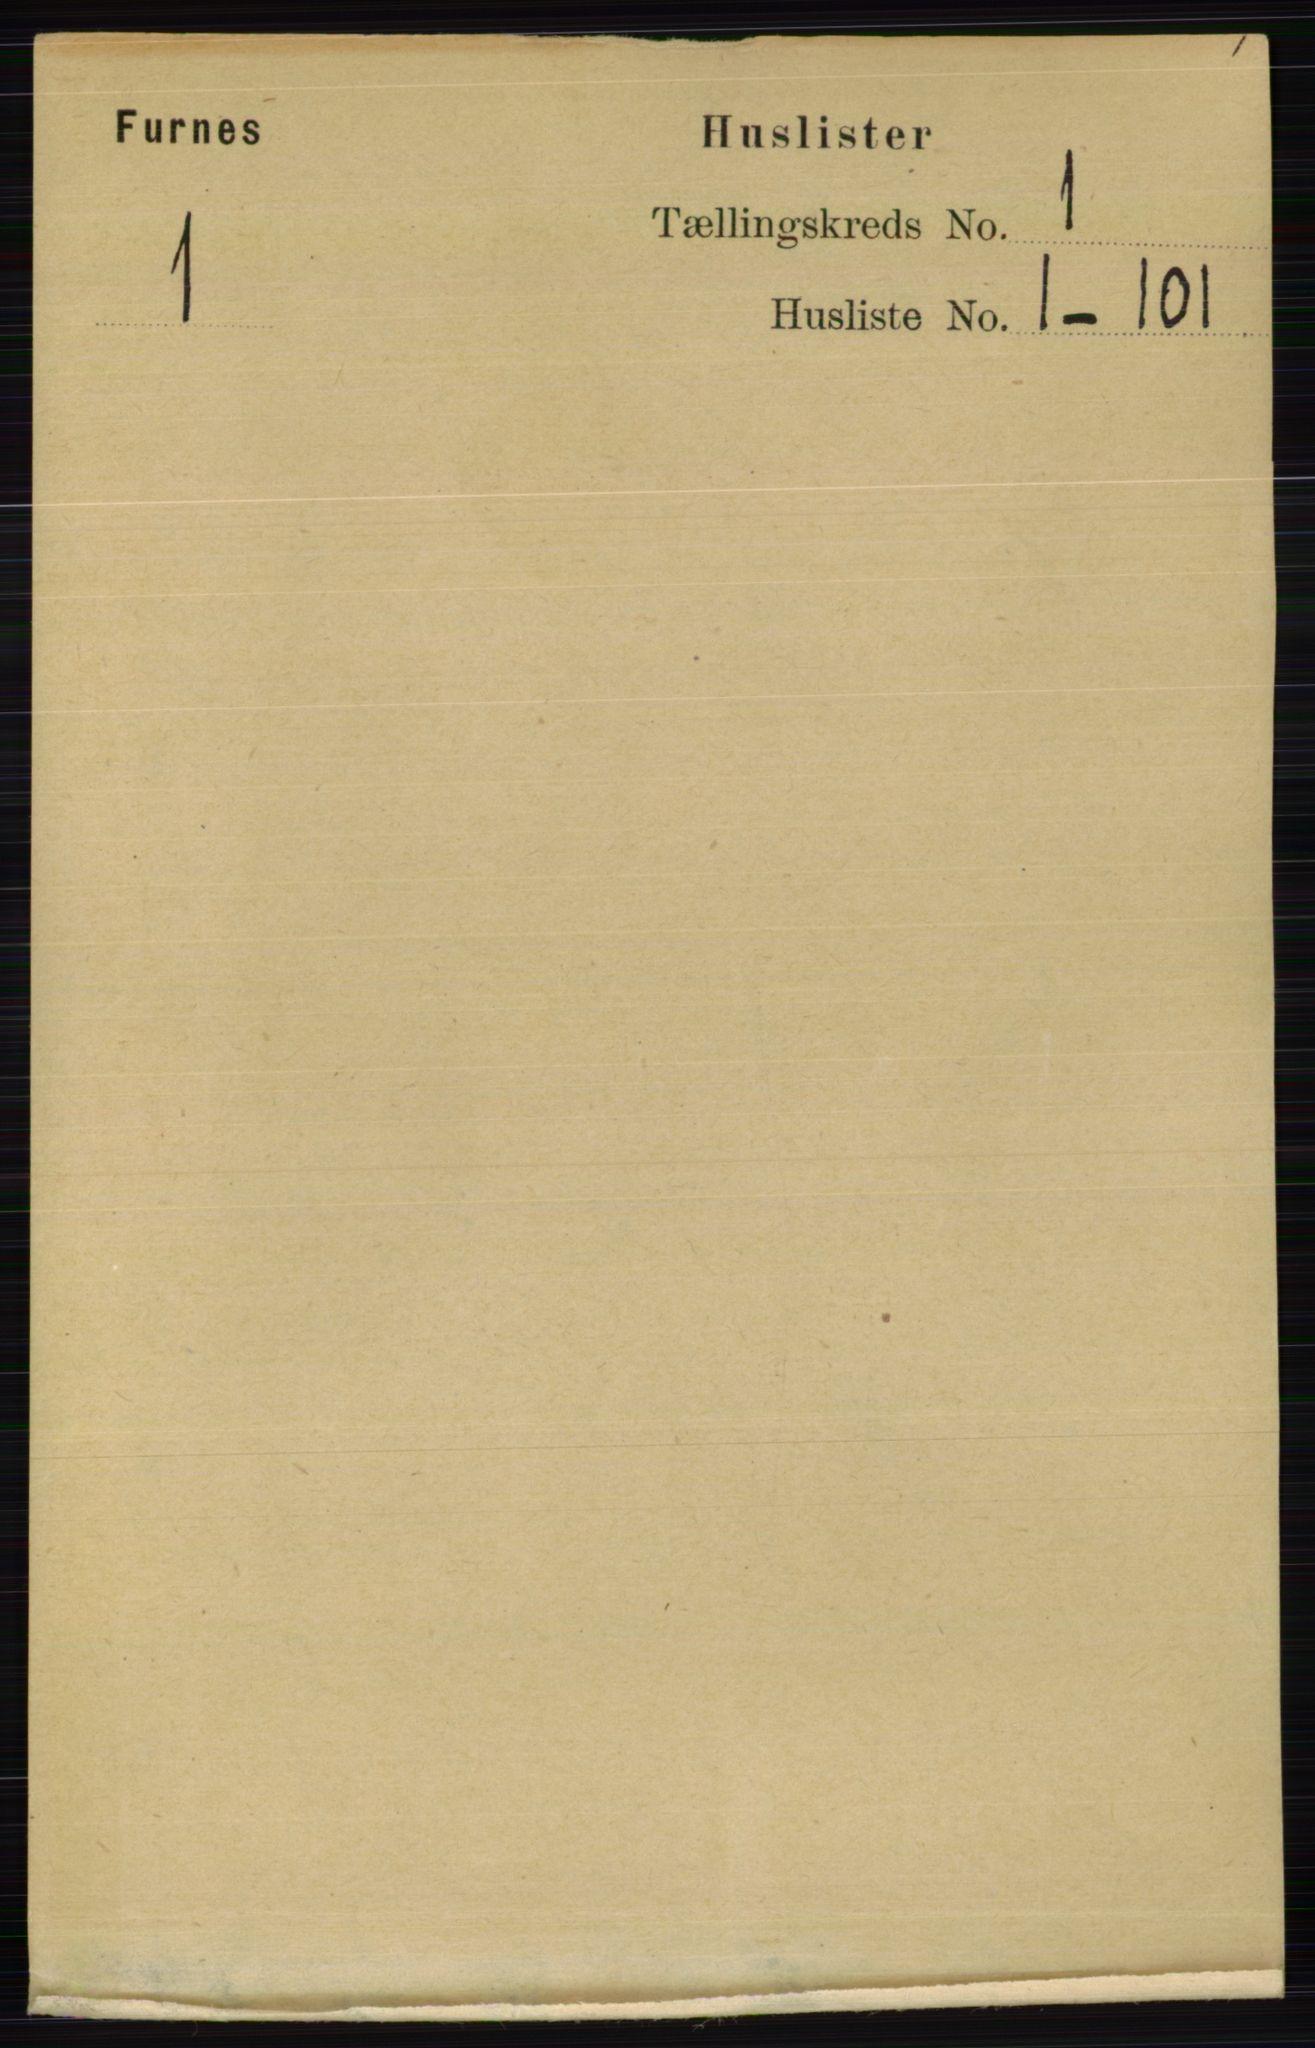 RA, Folketelling 1891 for 0413 Furnes herred, 1891, s. 25